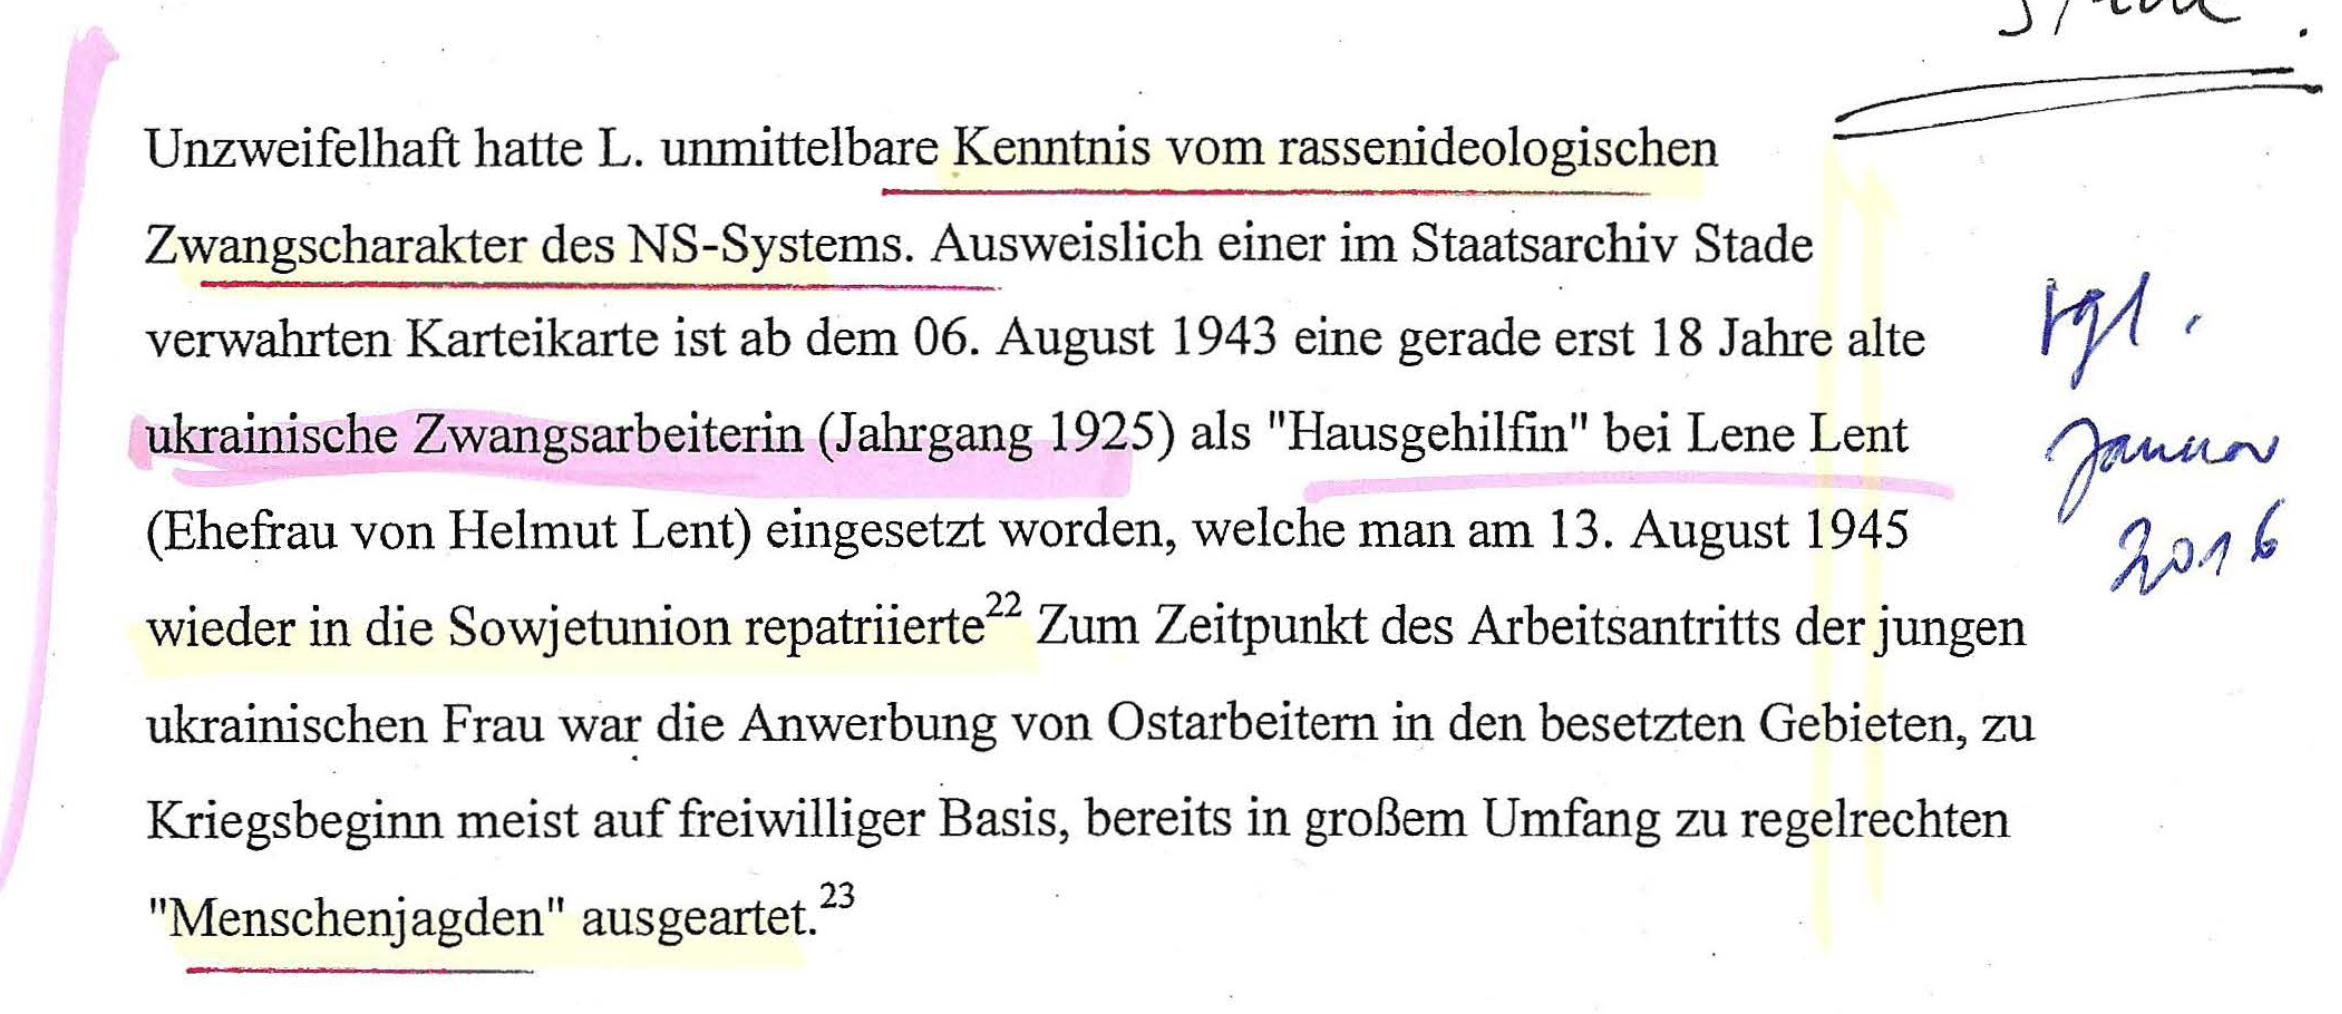 """Gutachten 2004 des MFGA zur Traditionswürde Helmut Lents - Hier wird die """"Kenntnis des rasseideoligischen Zwangscharakters"""" betont."""